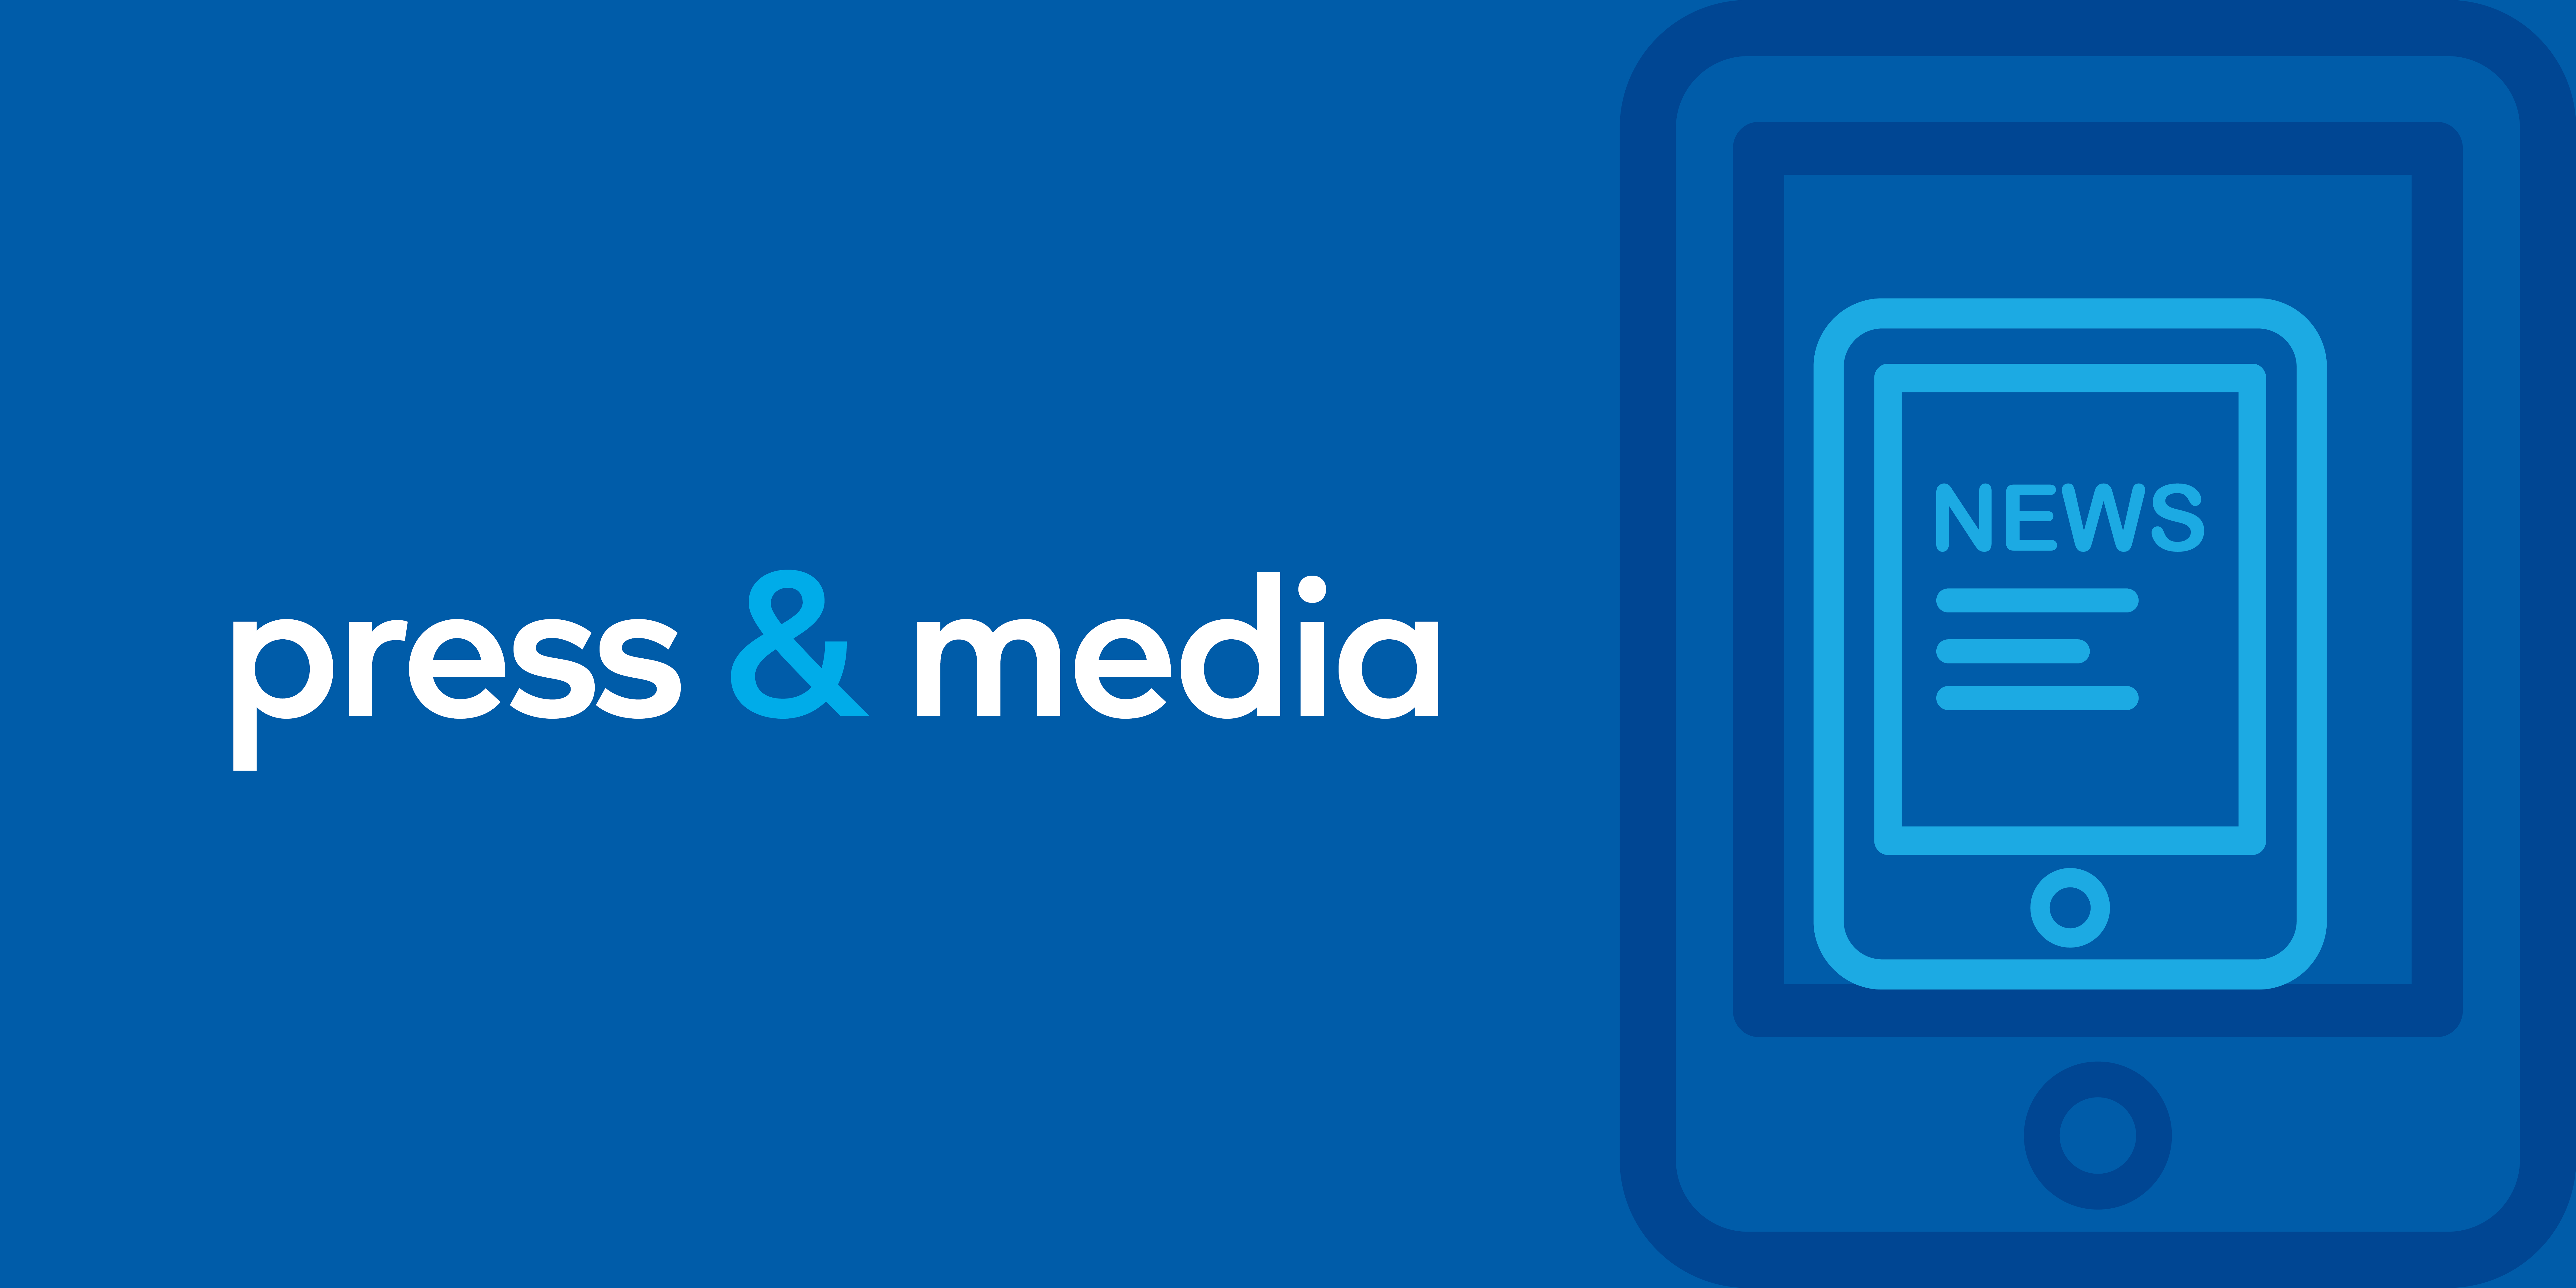 Press & media contacts